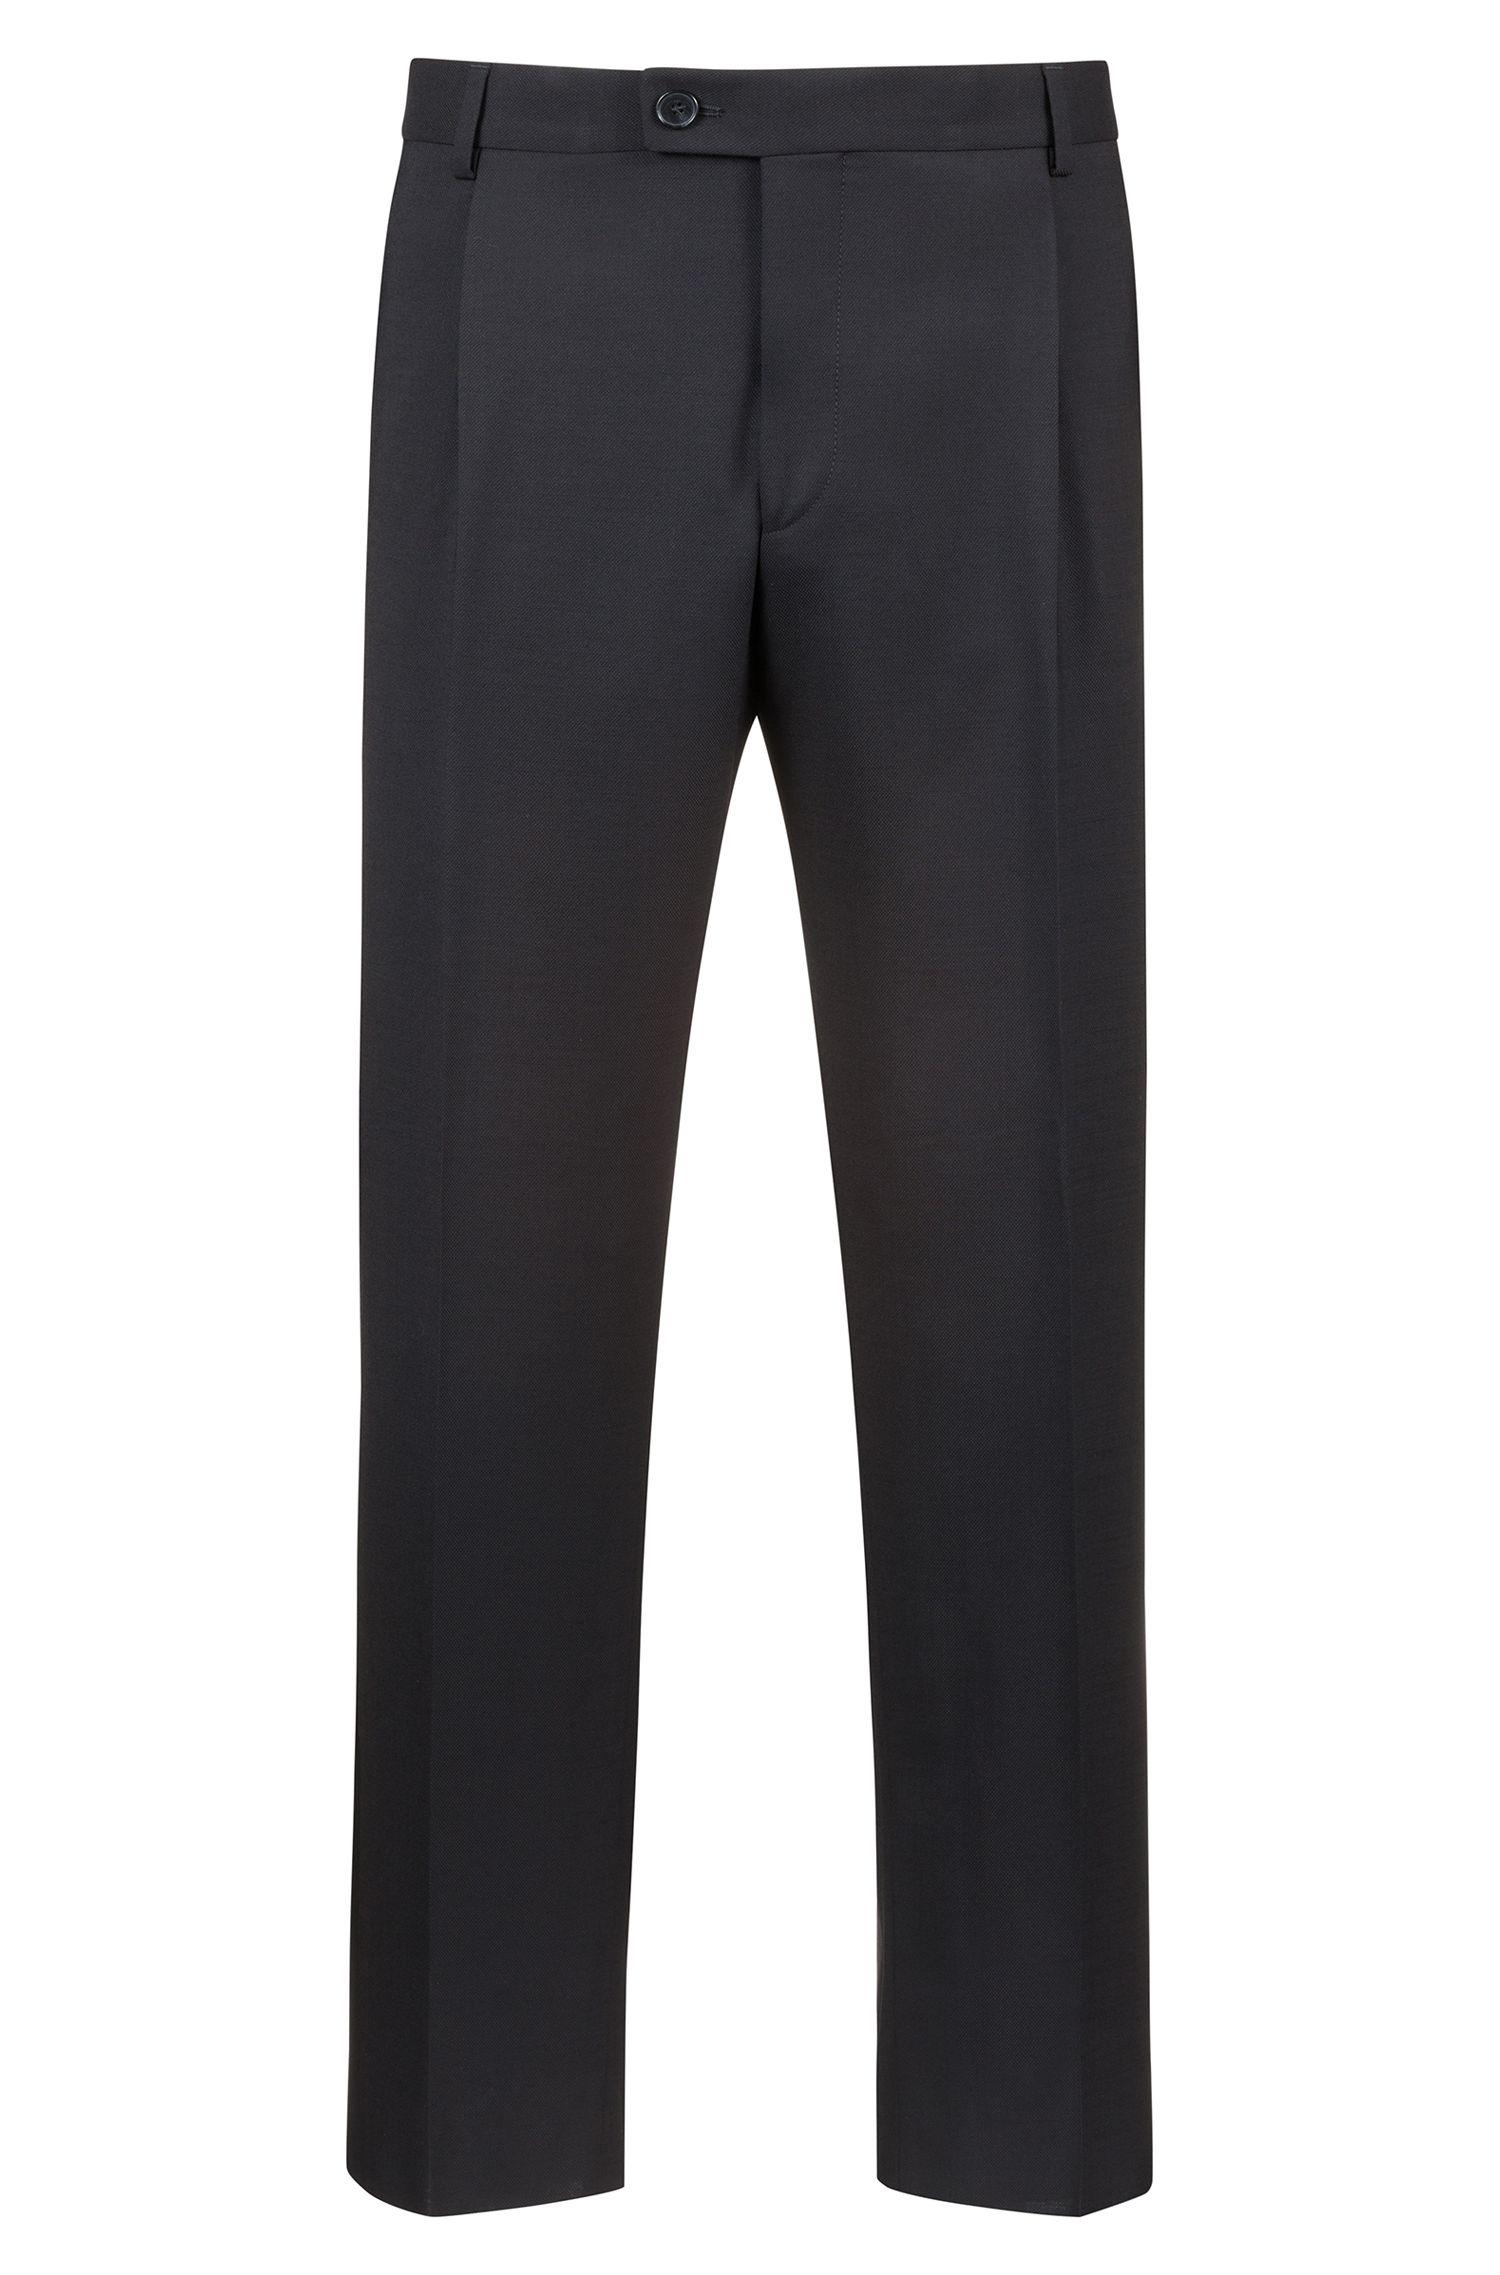 Extra Slim-Fit Hose aus Schurwolle in Cropped-Länge mit Seidenstreifen, Schwarz